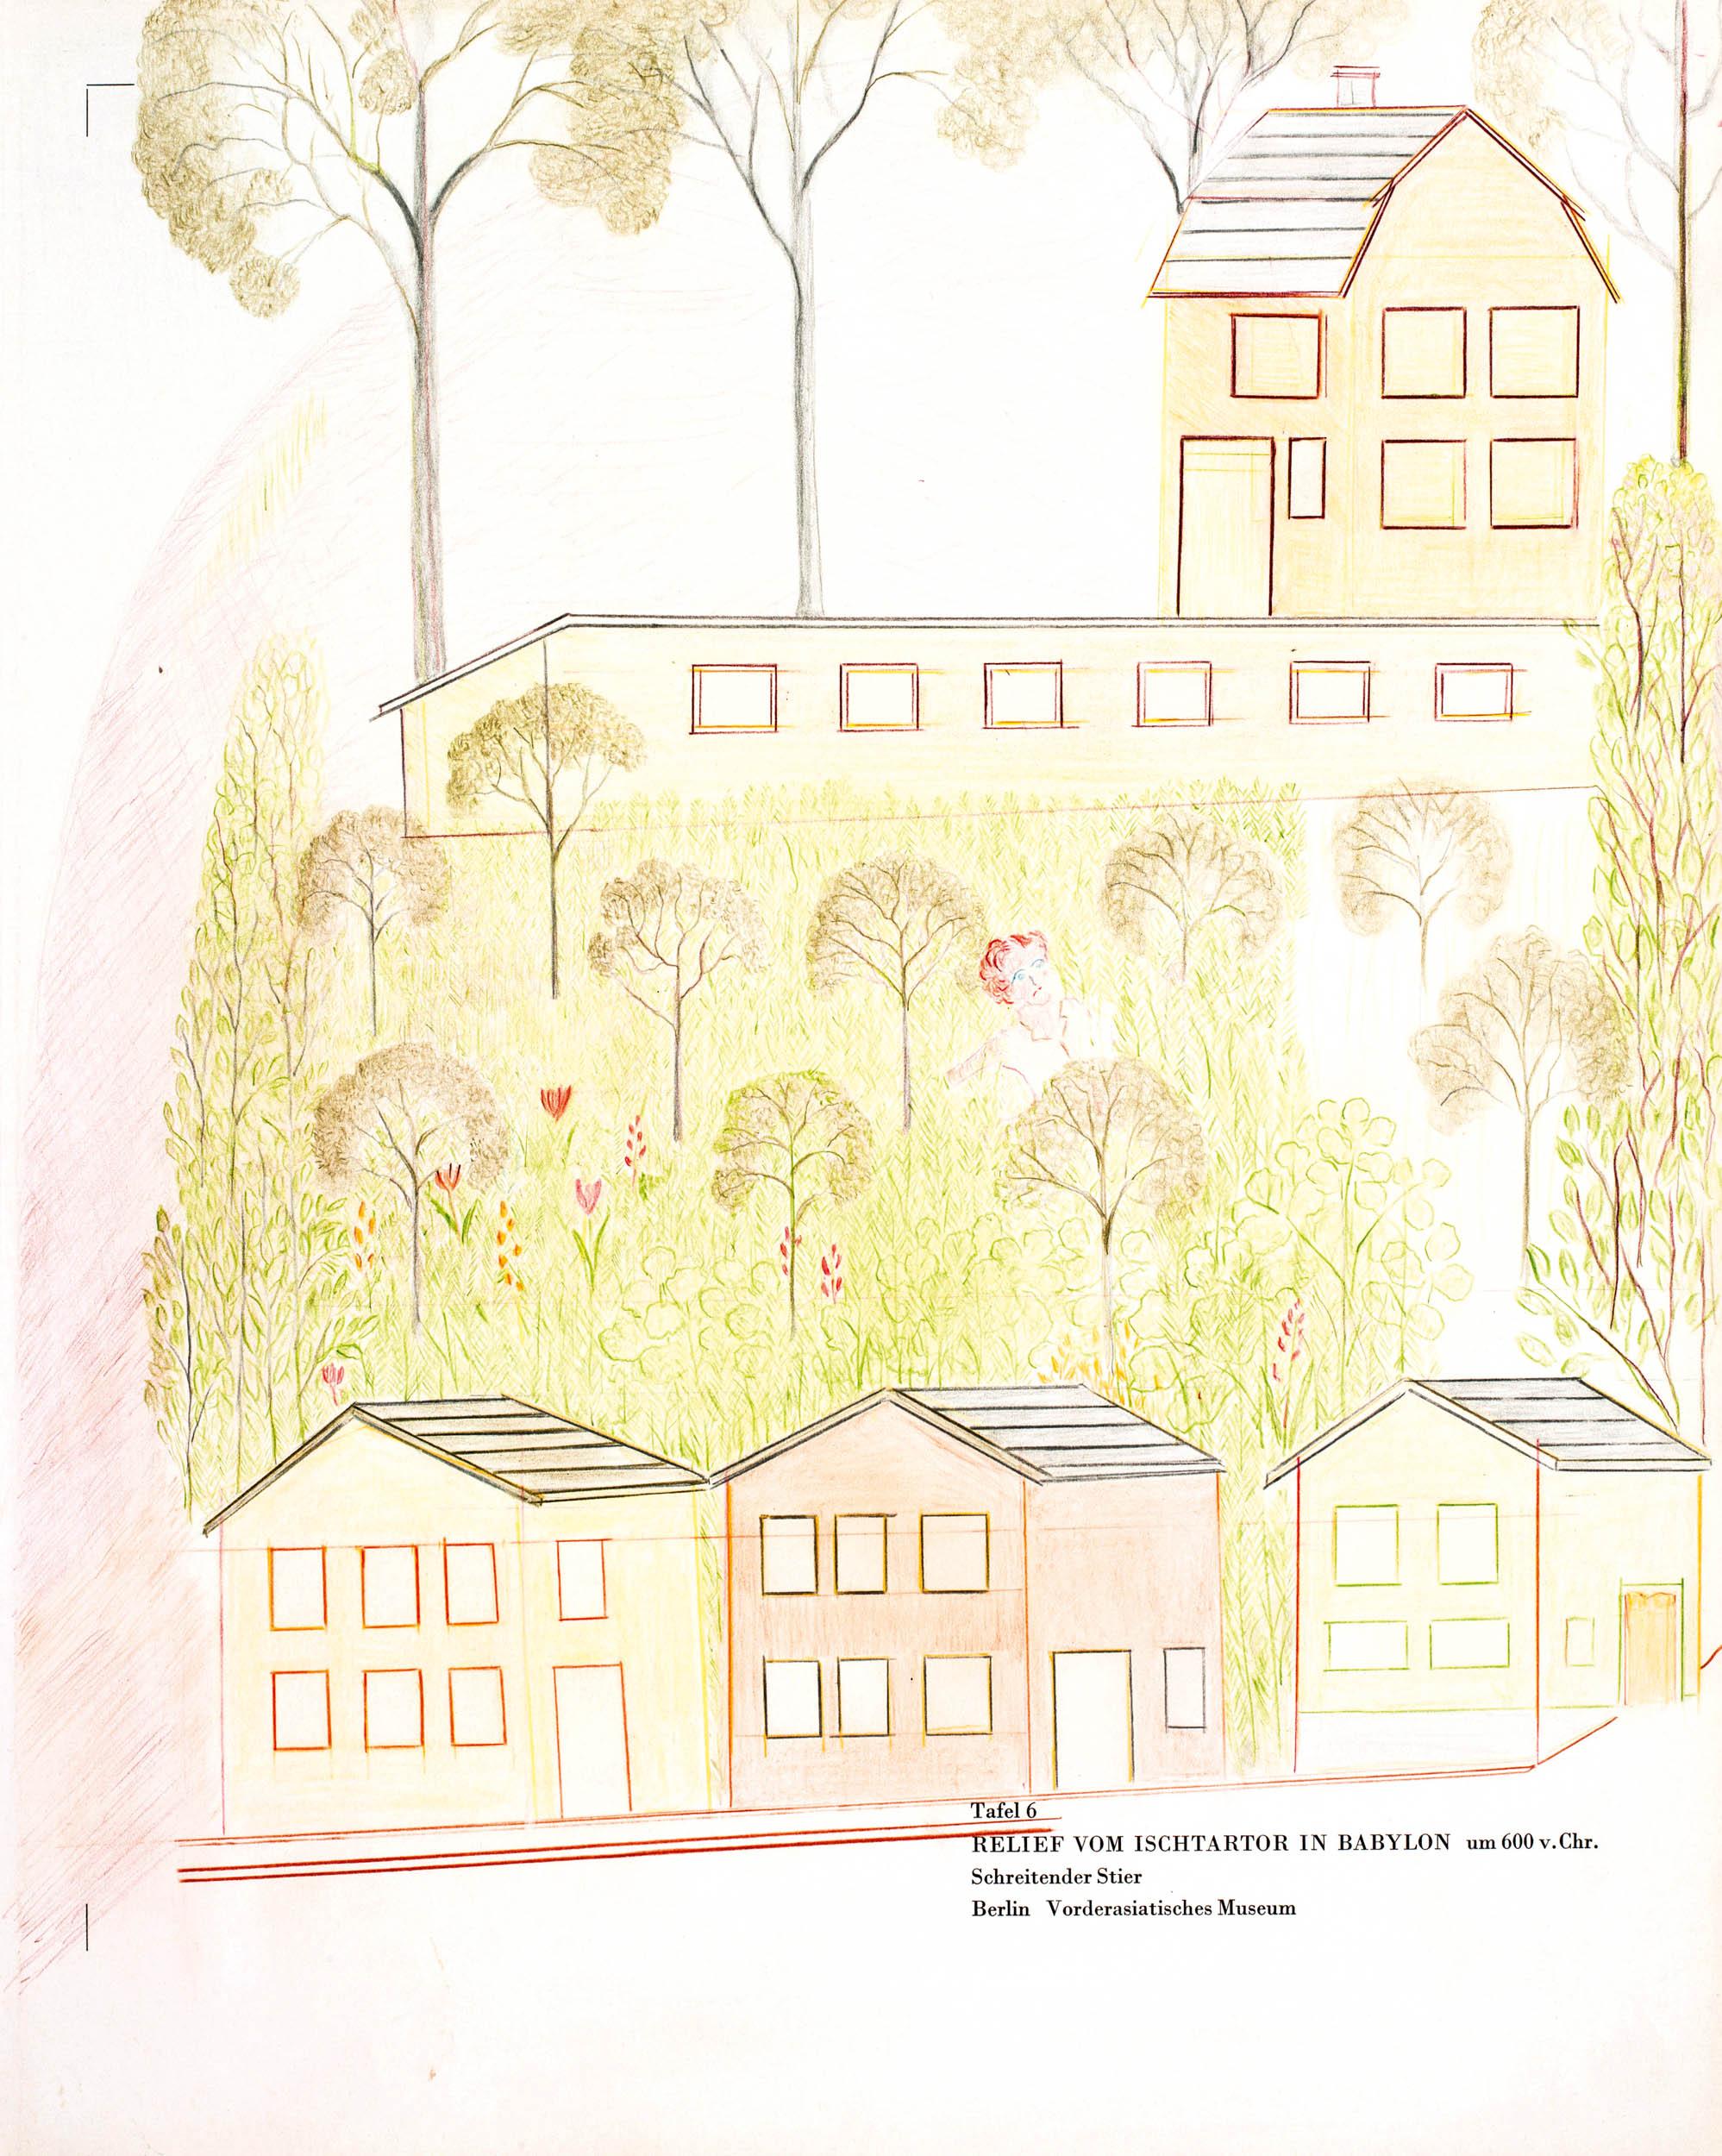 prinz otto - Häuser und Landschaft / houses and landscape